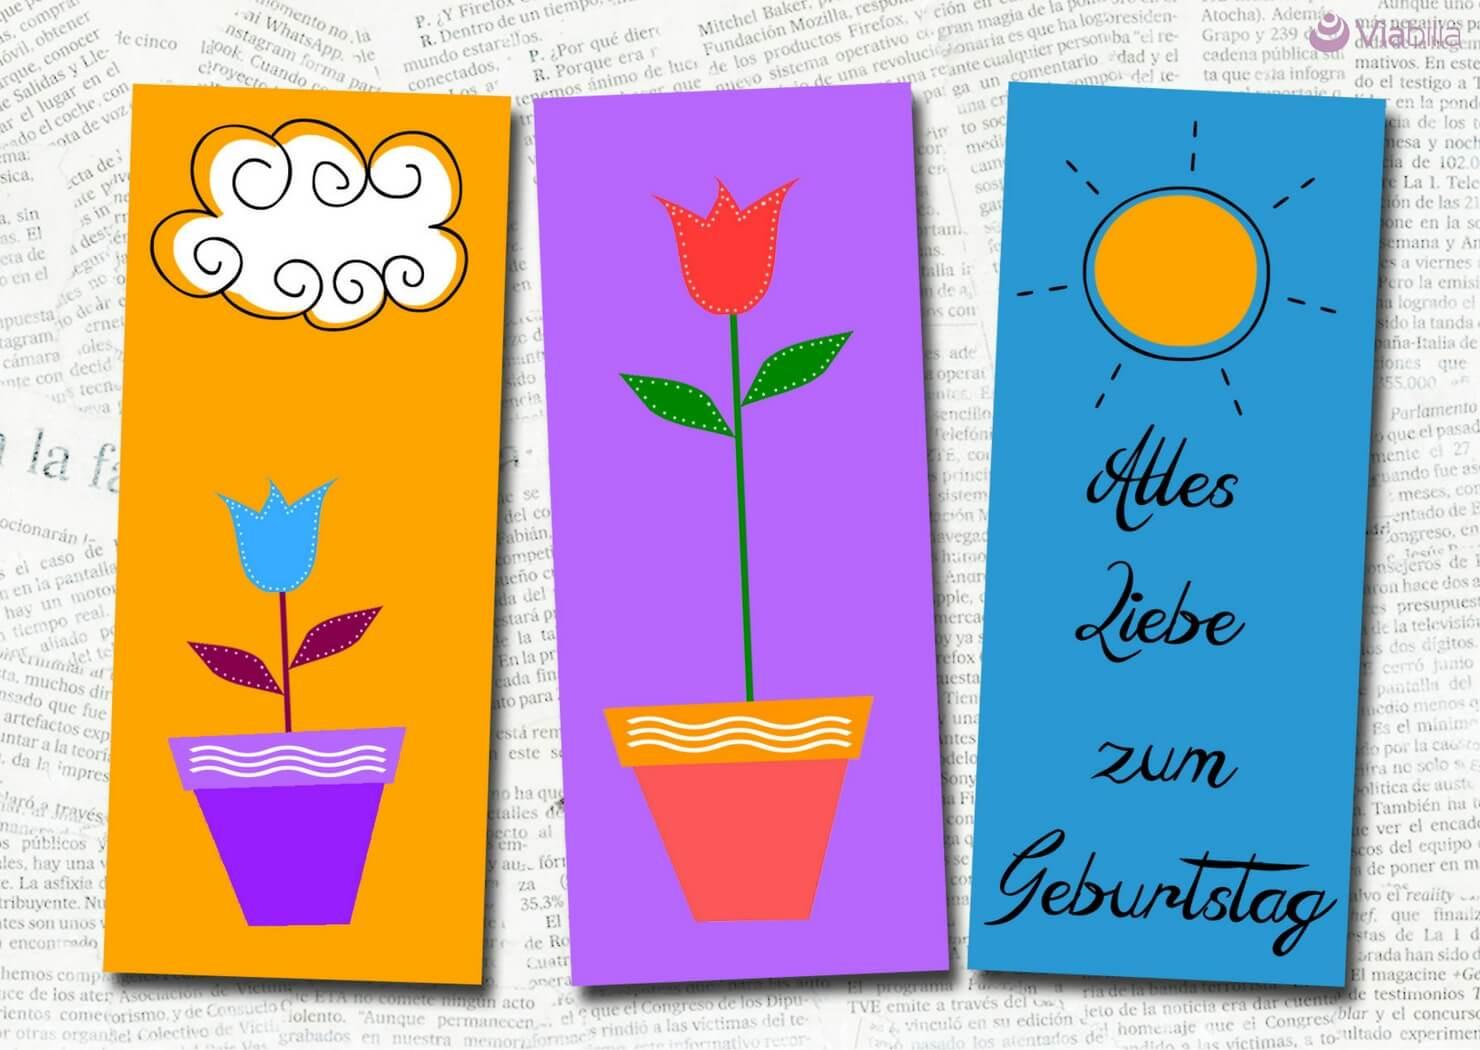 Geburtstagskarten Ausdrucken  Geburtstagskarten kostenlos als PDF ausdrucken